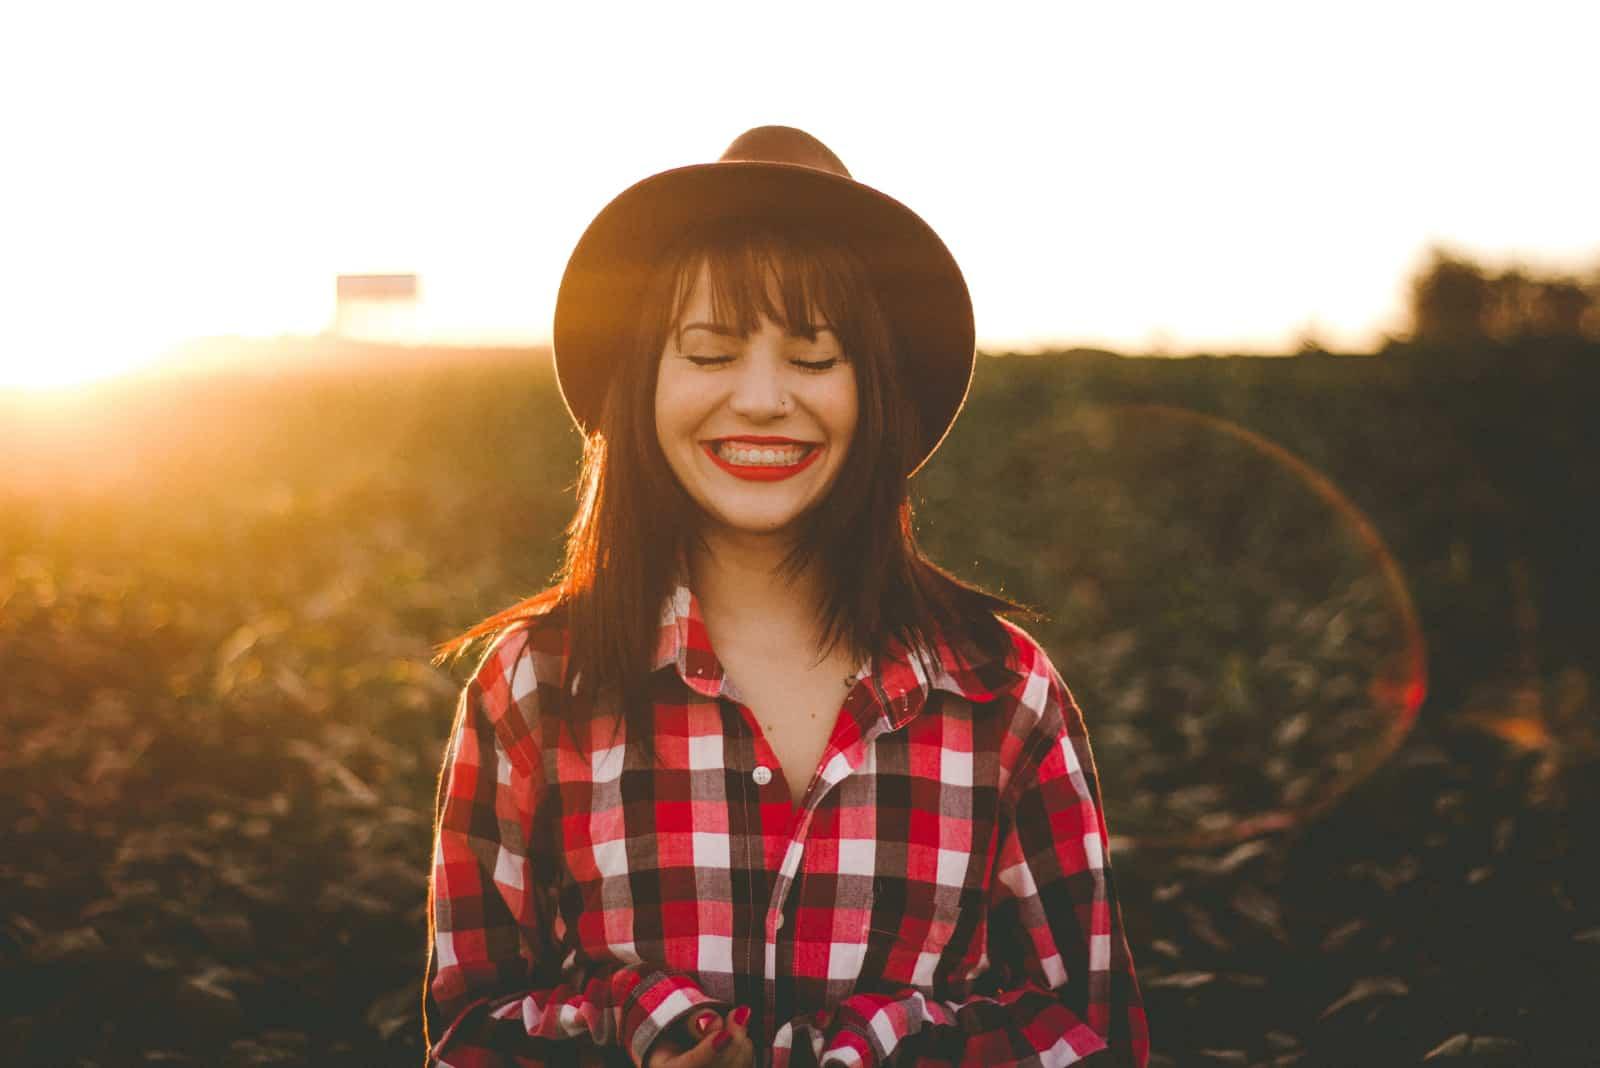 femme avec un chapeau souriant debout dans un champ